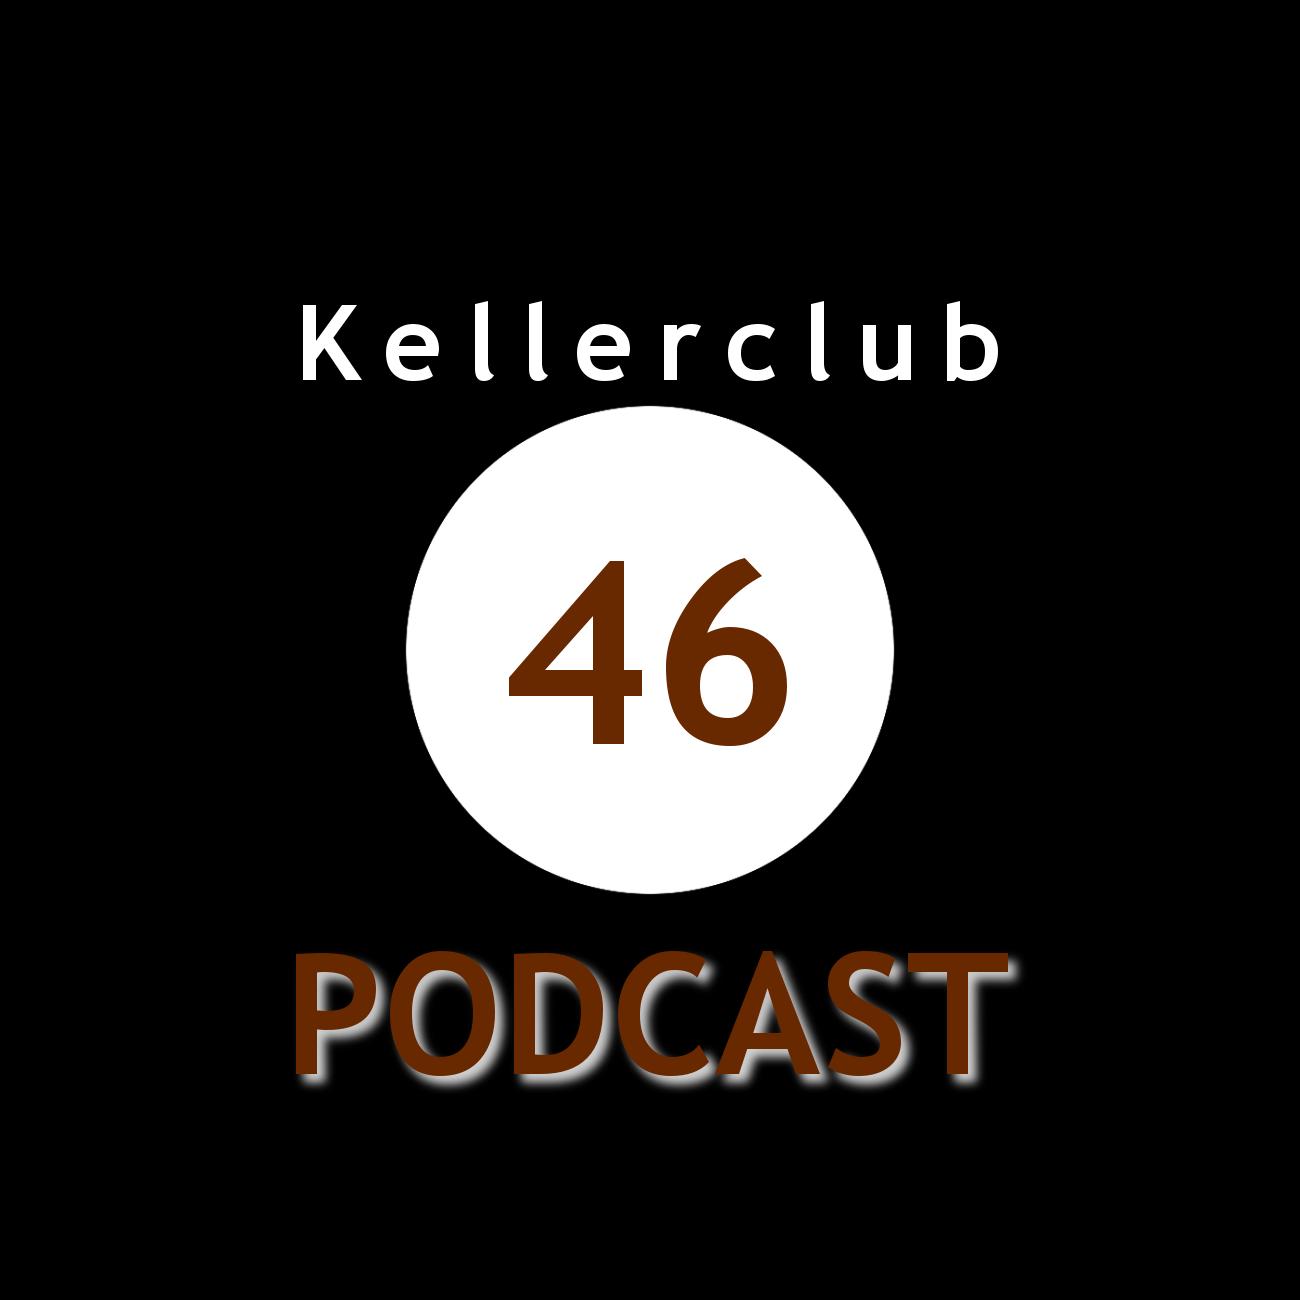 kellerclubcast-logo-46